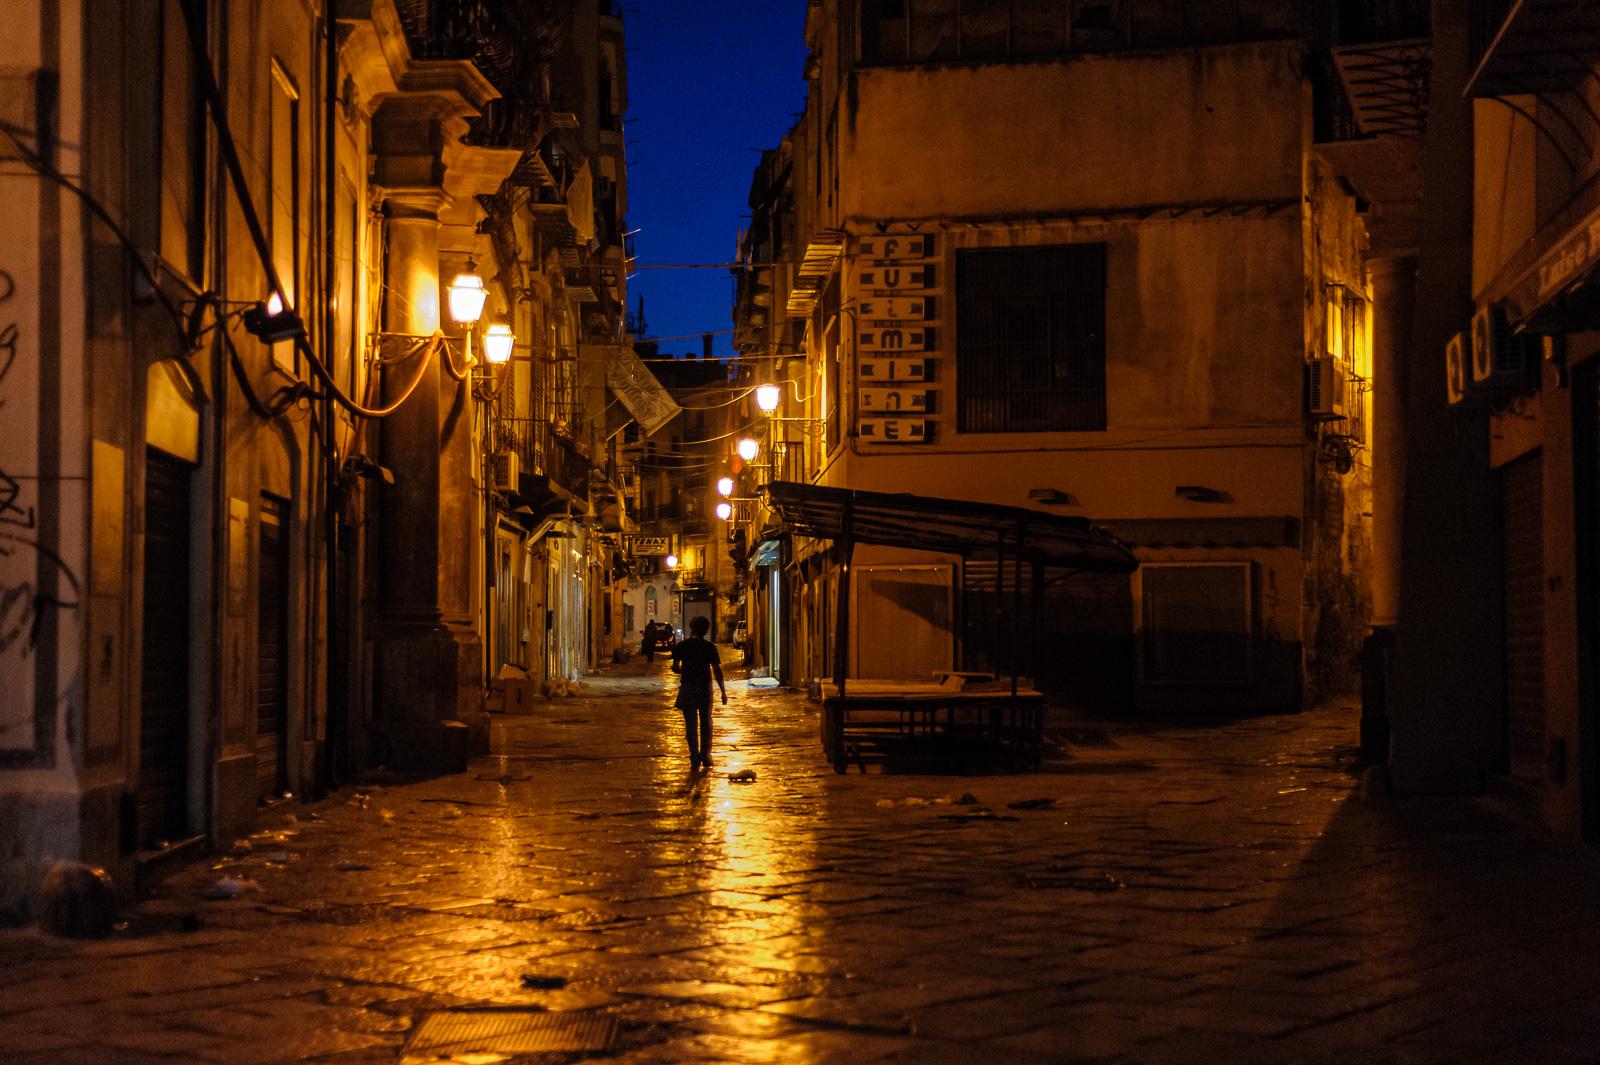 Palermo street 2014. Nikon D700 50mm @ f1.8, 1/160.